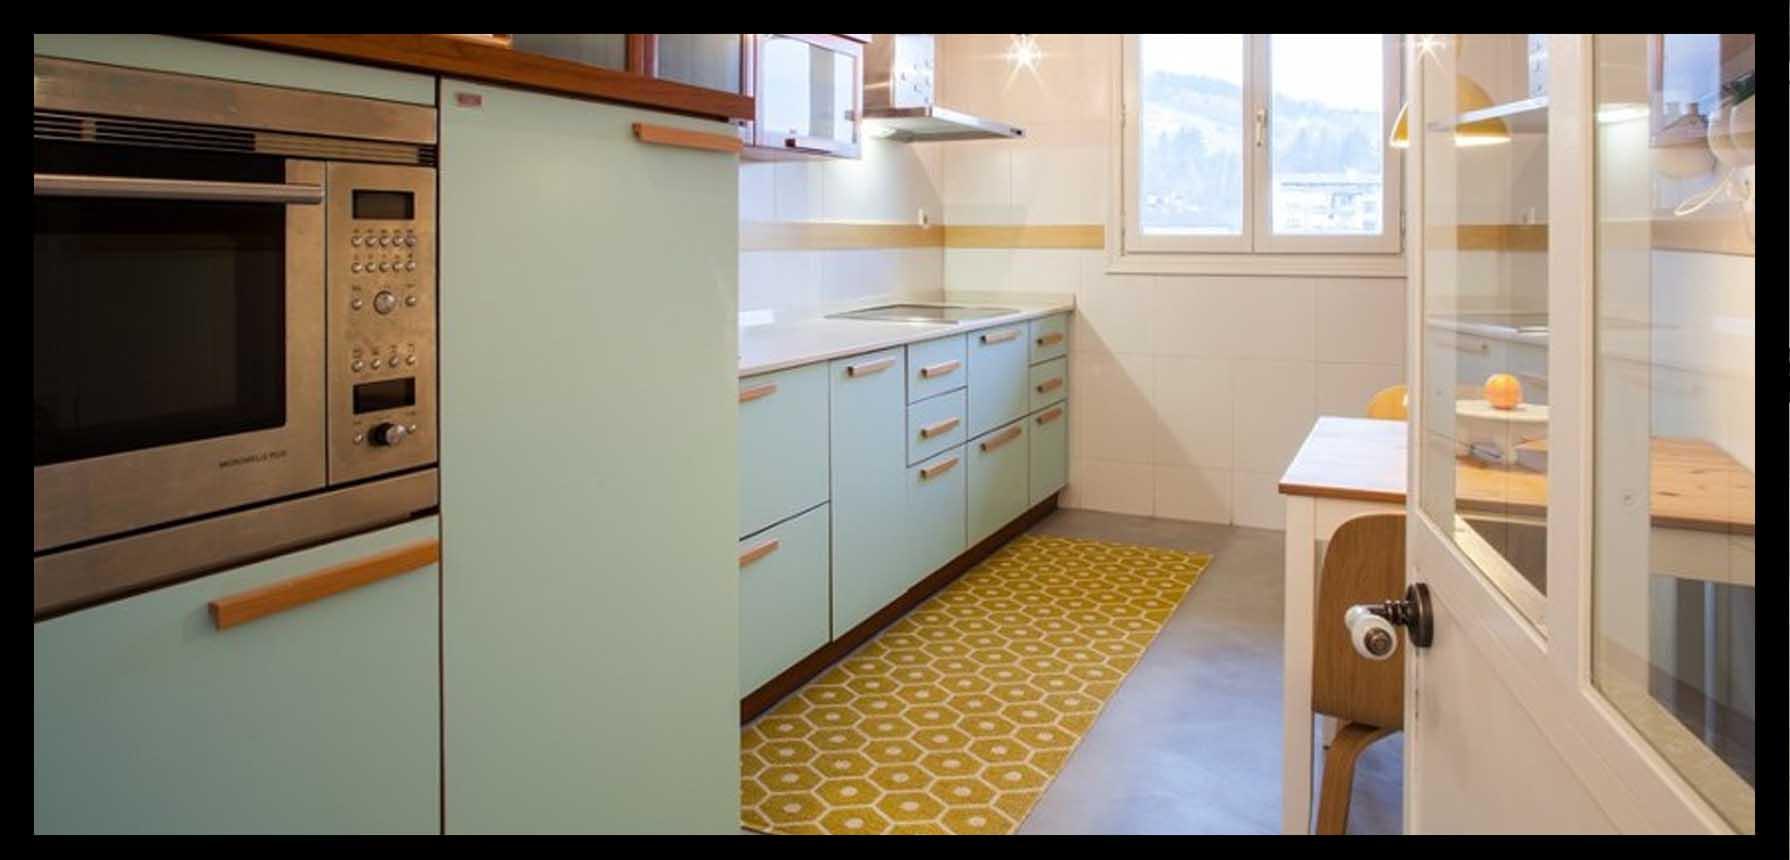 Ideas para cambiar el suelo de cocina u otras estancias - Cambiar suelo cocina ...